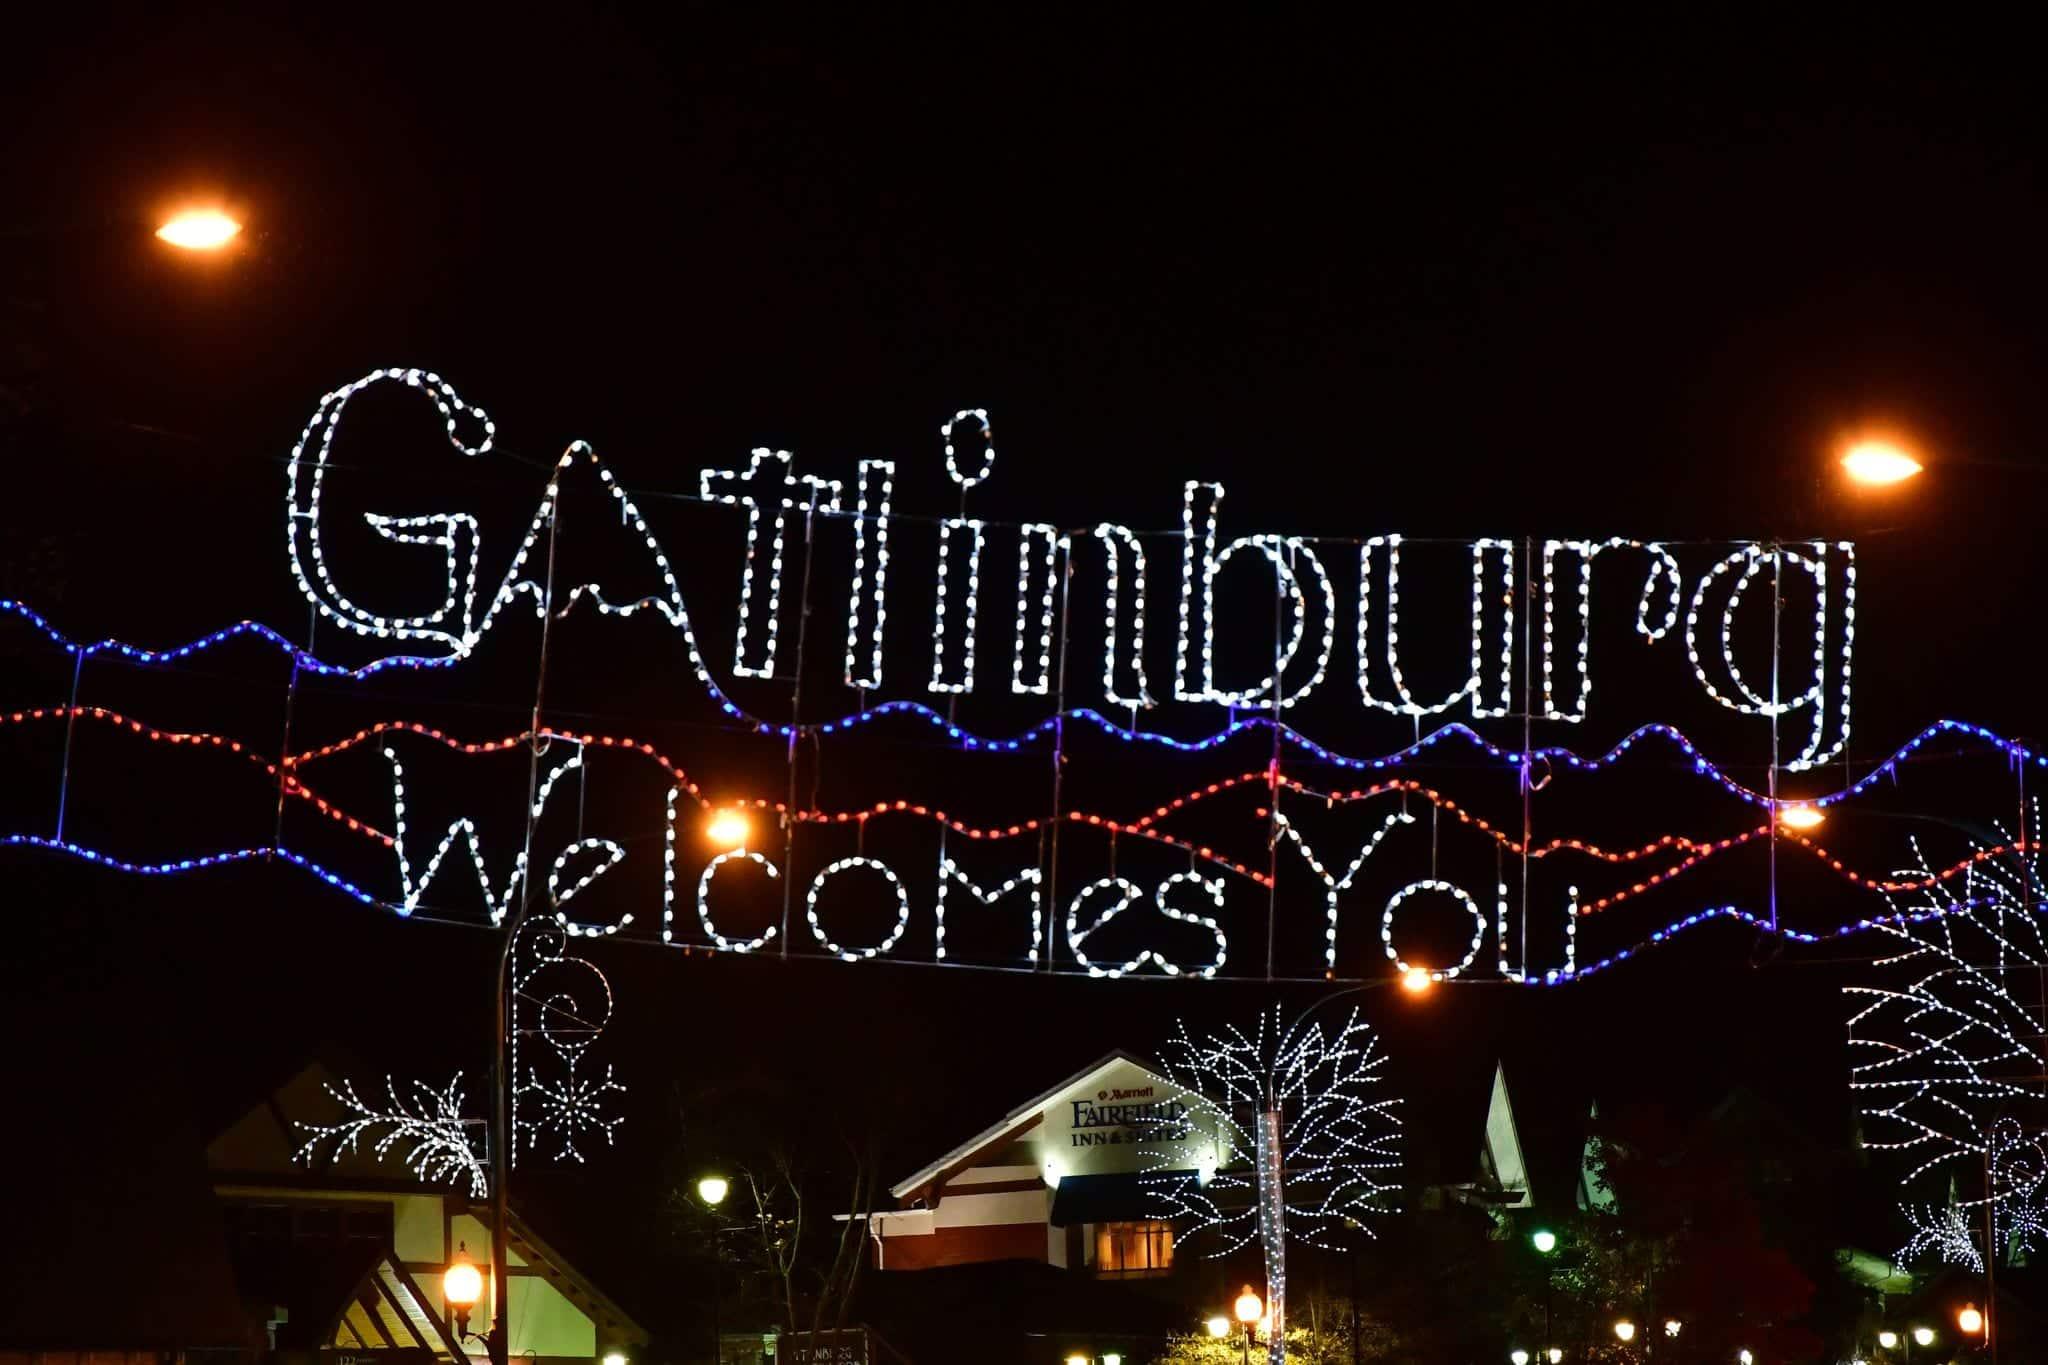 Gatlinburg Welcomes You Christmas Lights